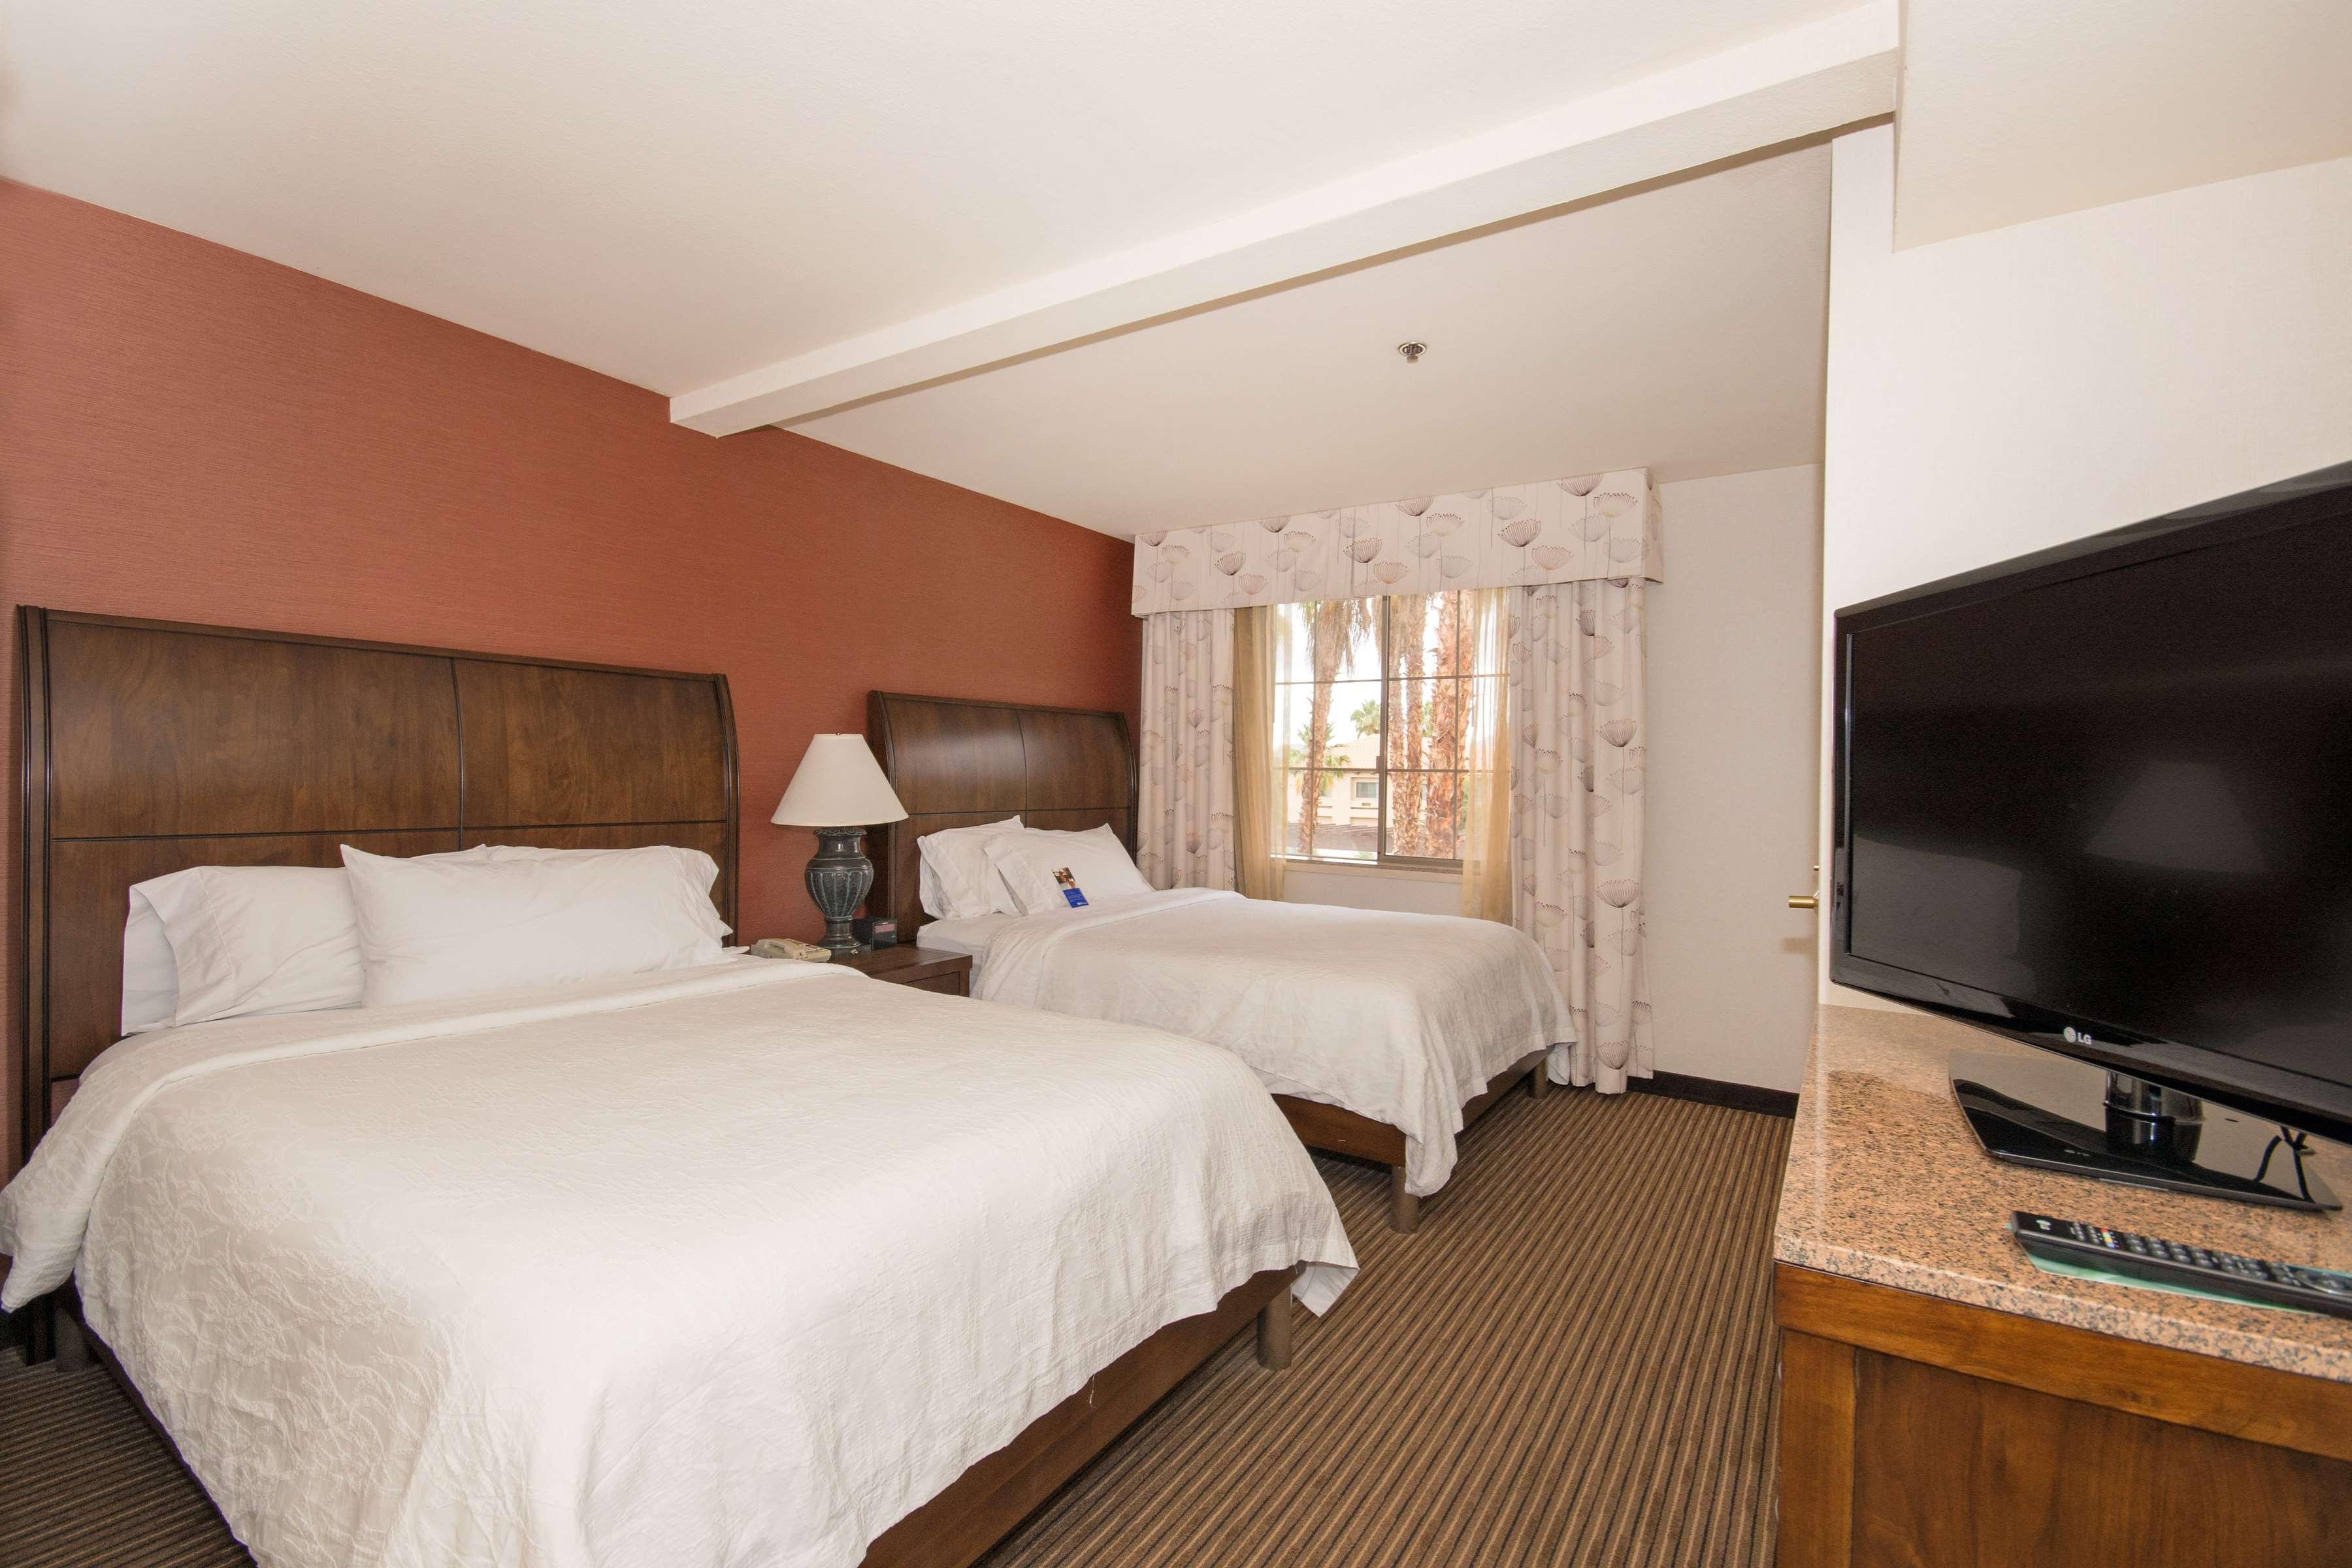 Hilton Garden Inn Palm Springs/Rancho Mirage image 14